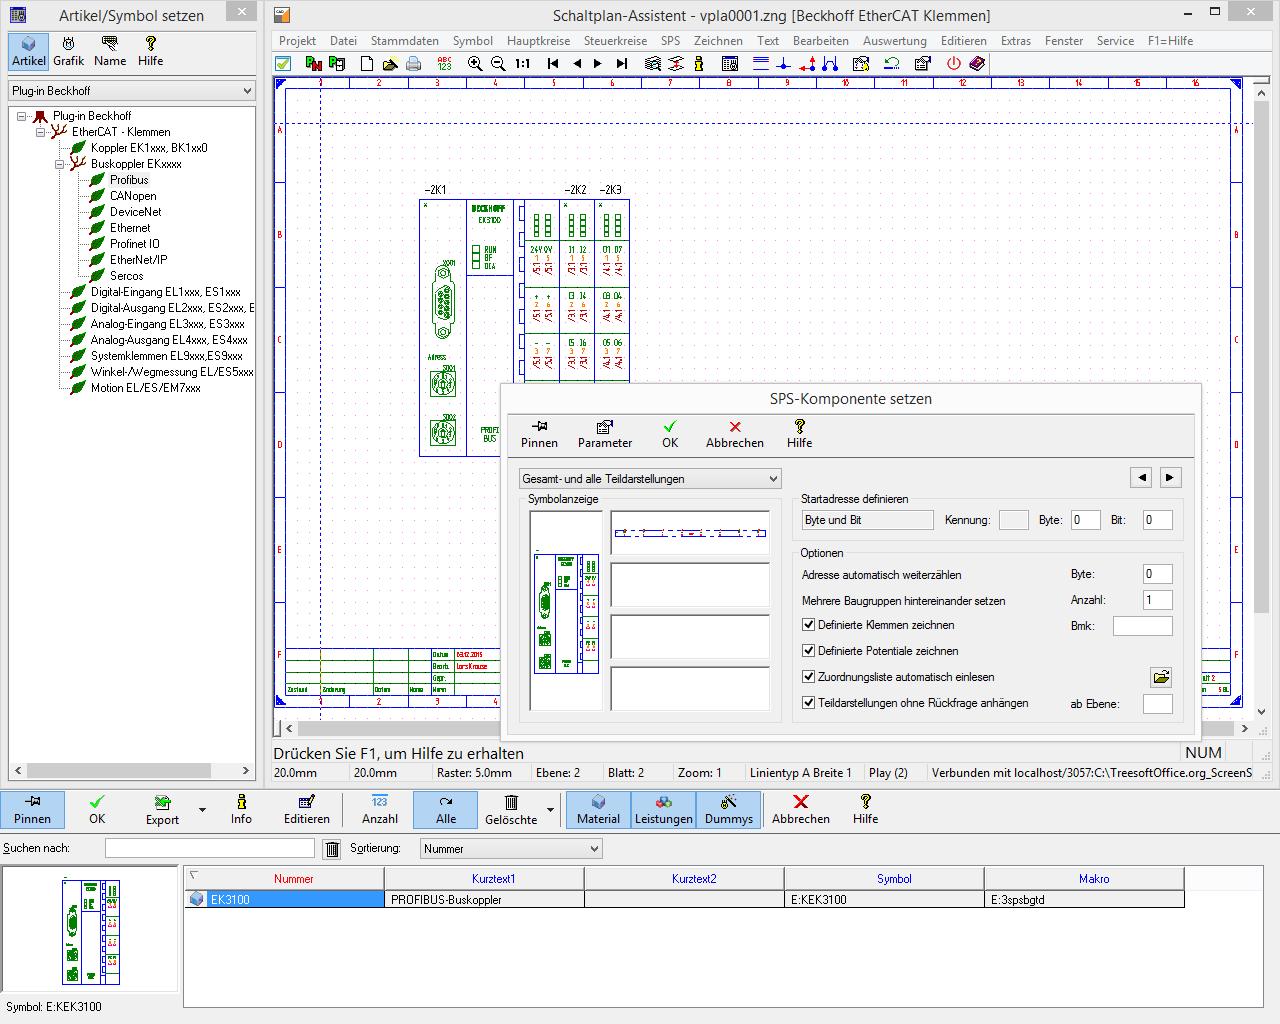 Ausgezeichnet Software Av Schaltplan Galerie - Der Schaltplan ...